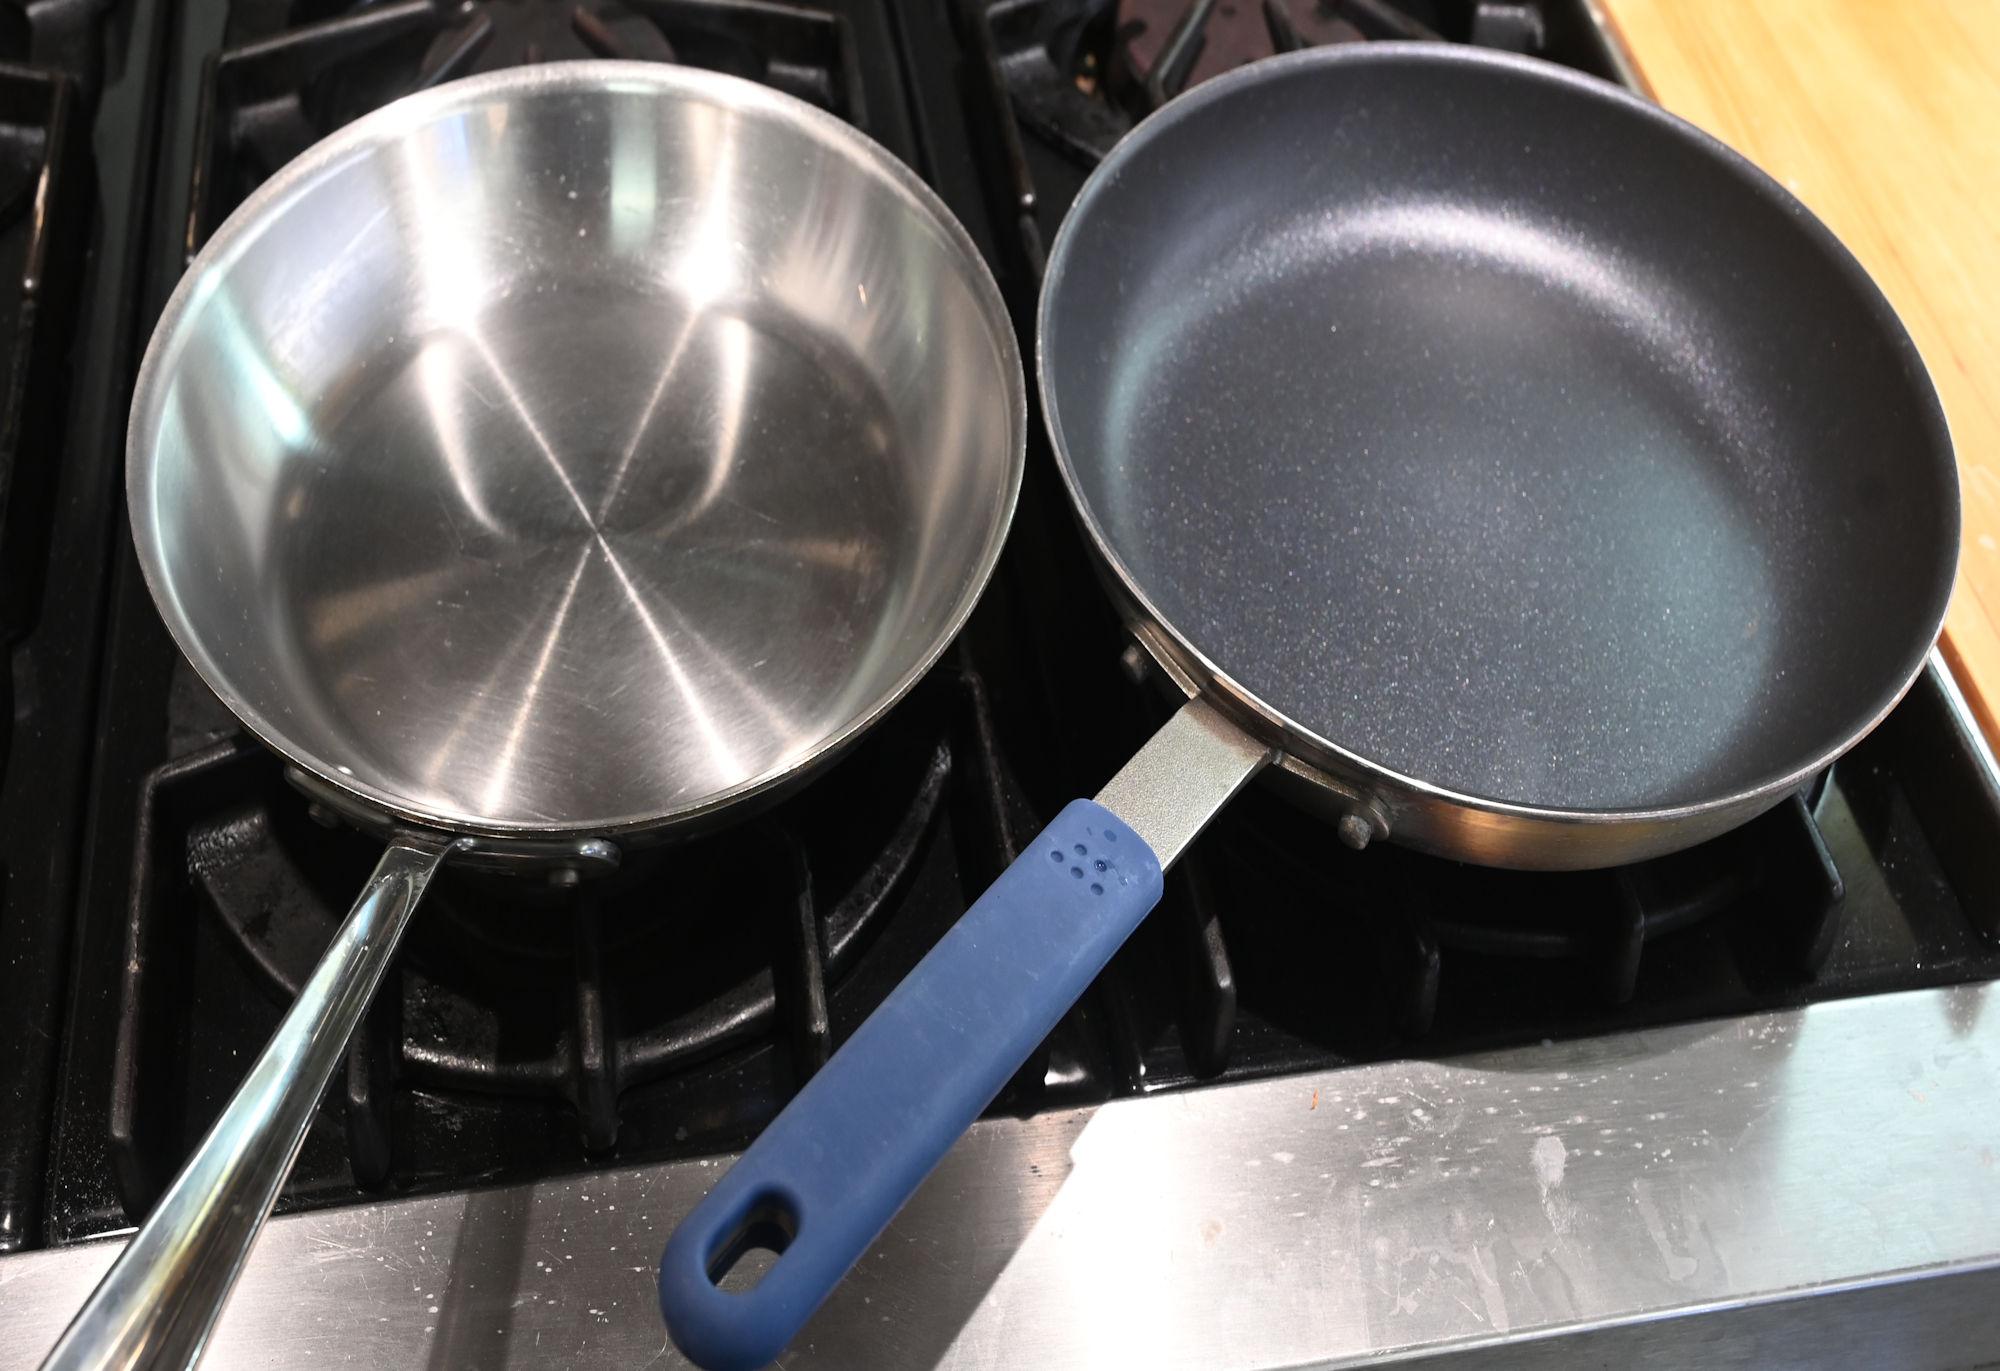 both pans